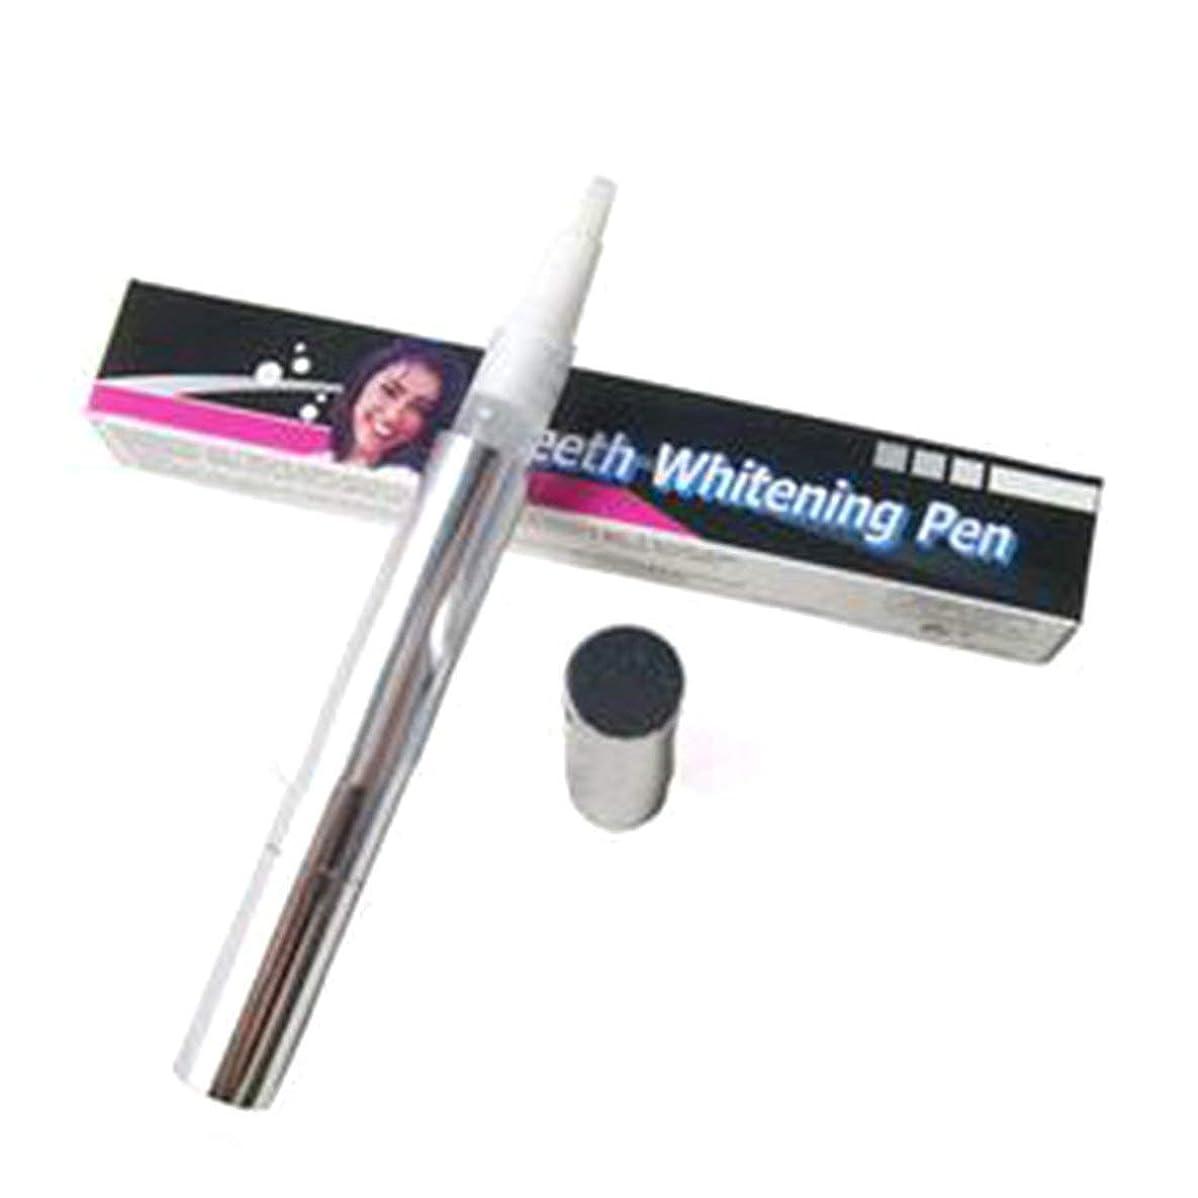 知り合い市の花センチメートルMolySun ホワイトニング 歯を白くする ホワイトニングペン強力なステイン消しゴムの取り外し高速漂白歯ジェルナー歯科口腔衛生用品 銀